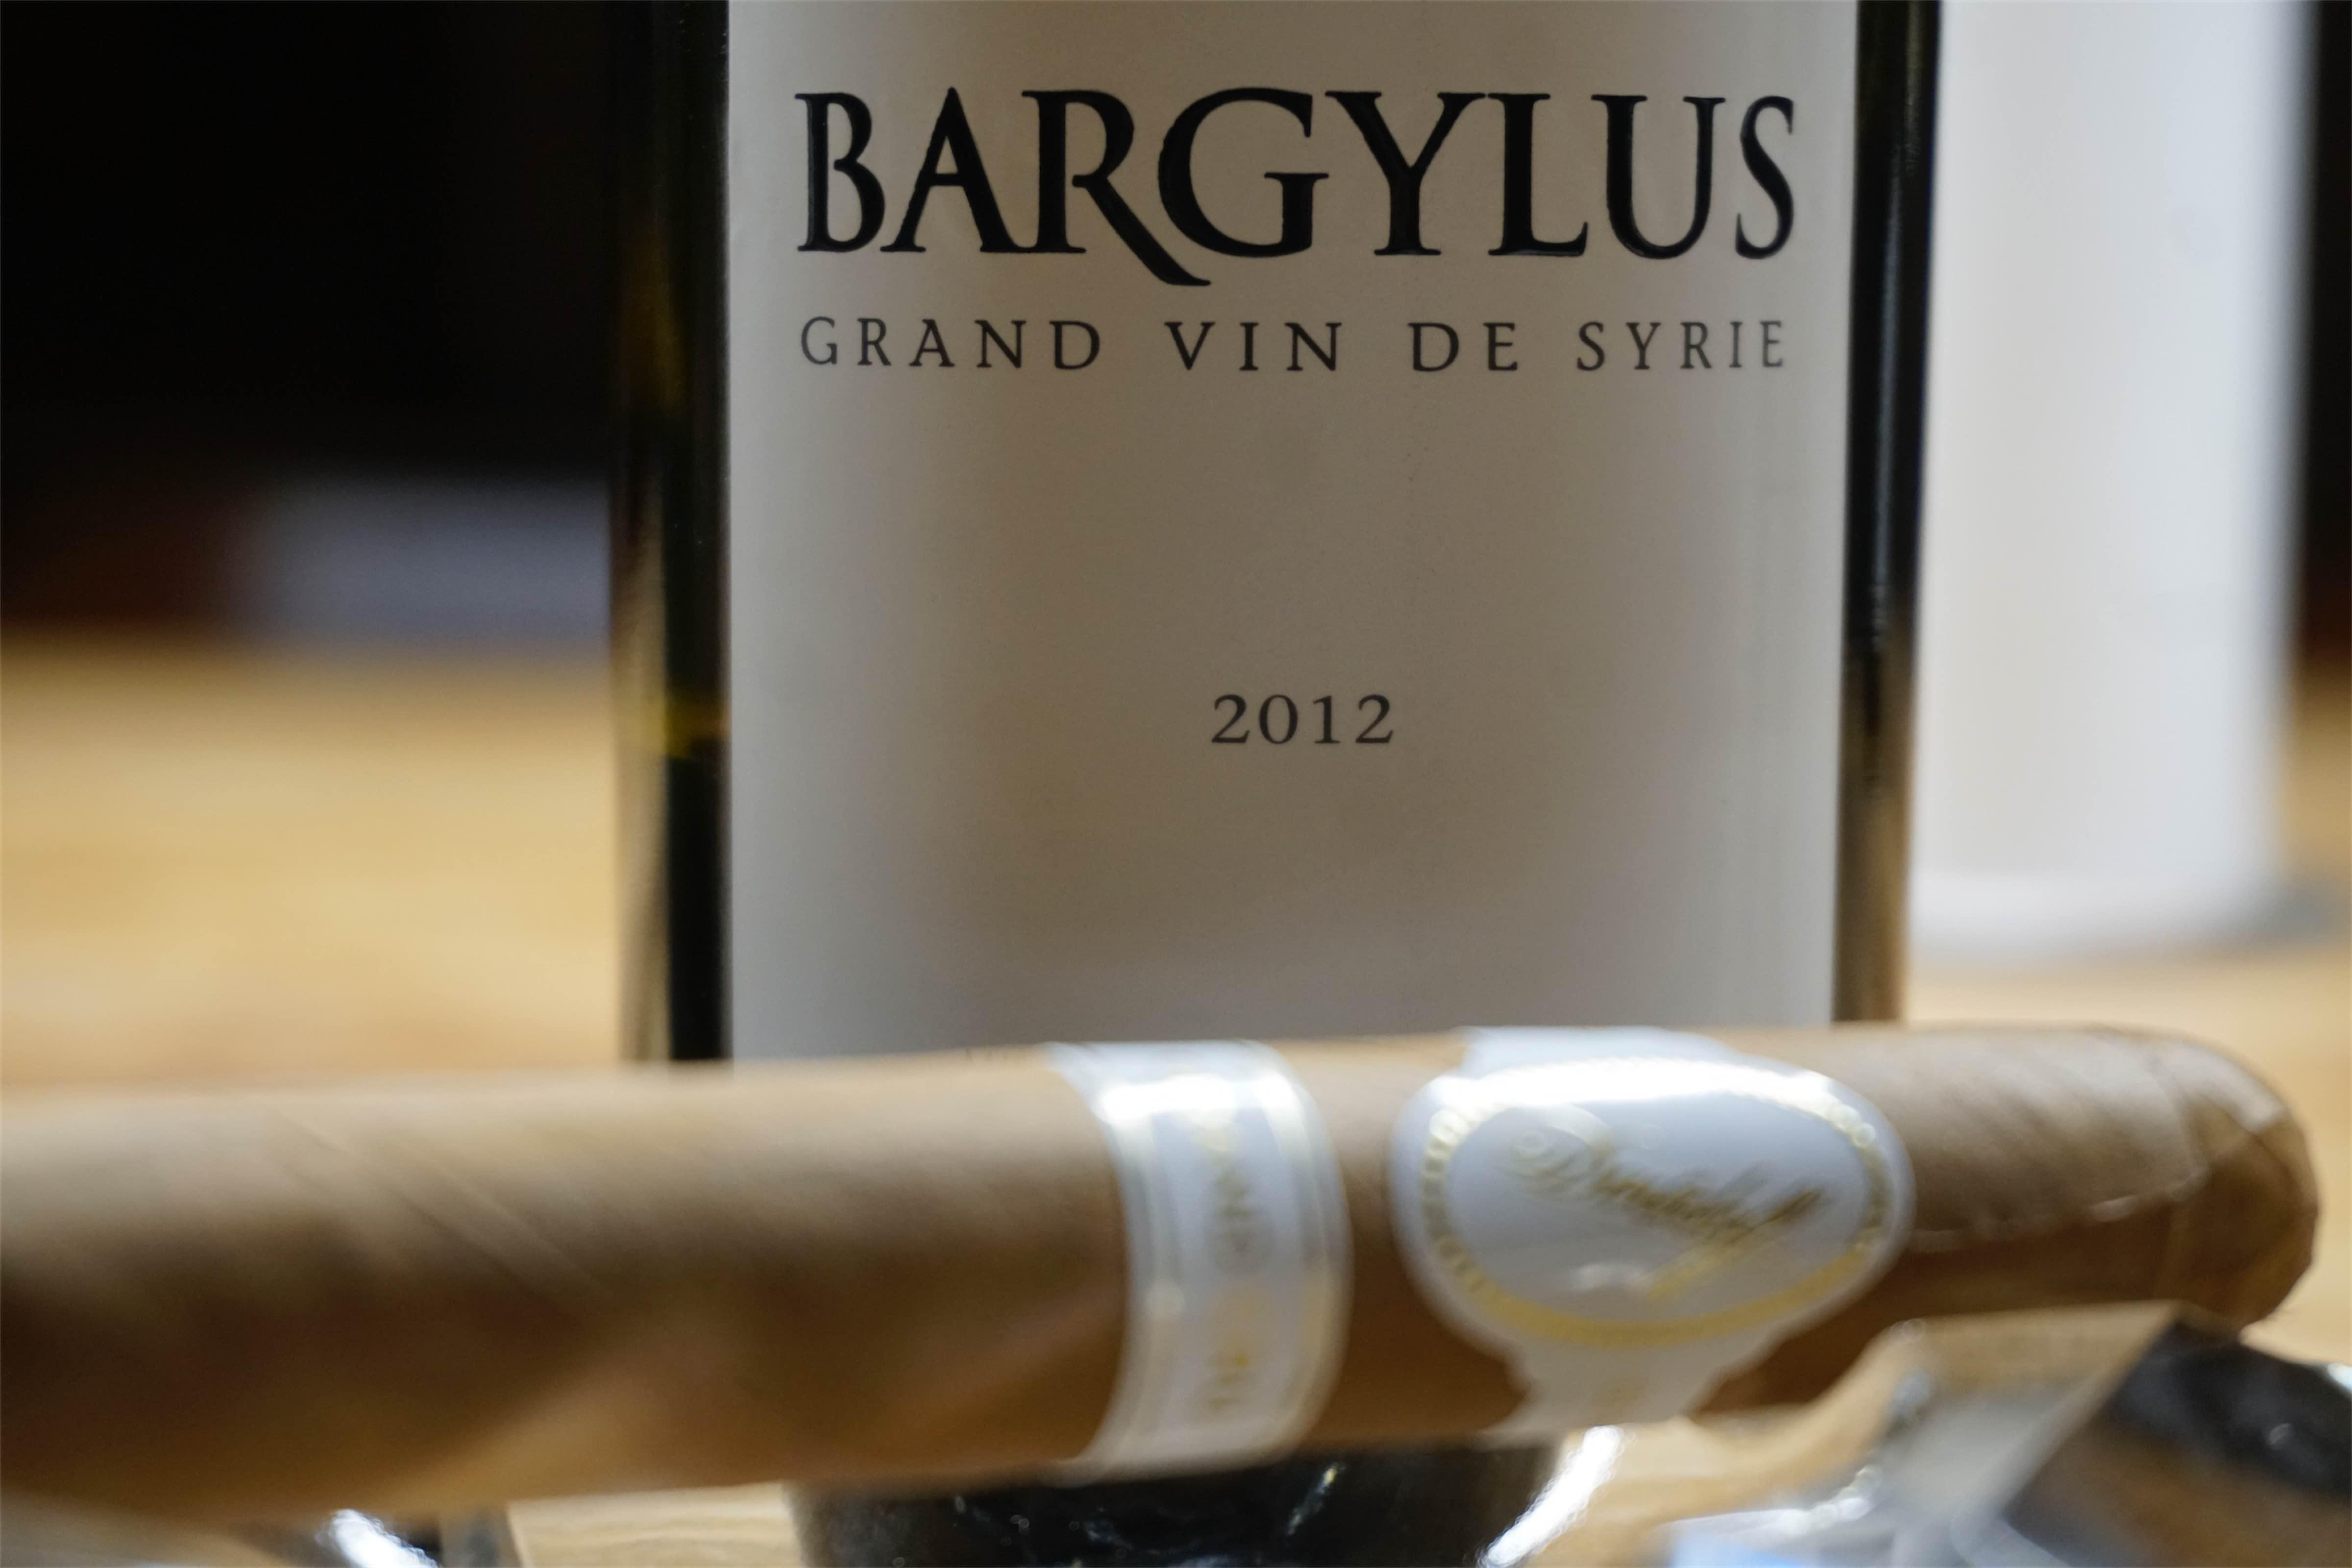 Wino Bargylus - cygaro i wino